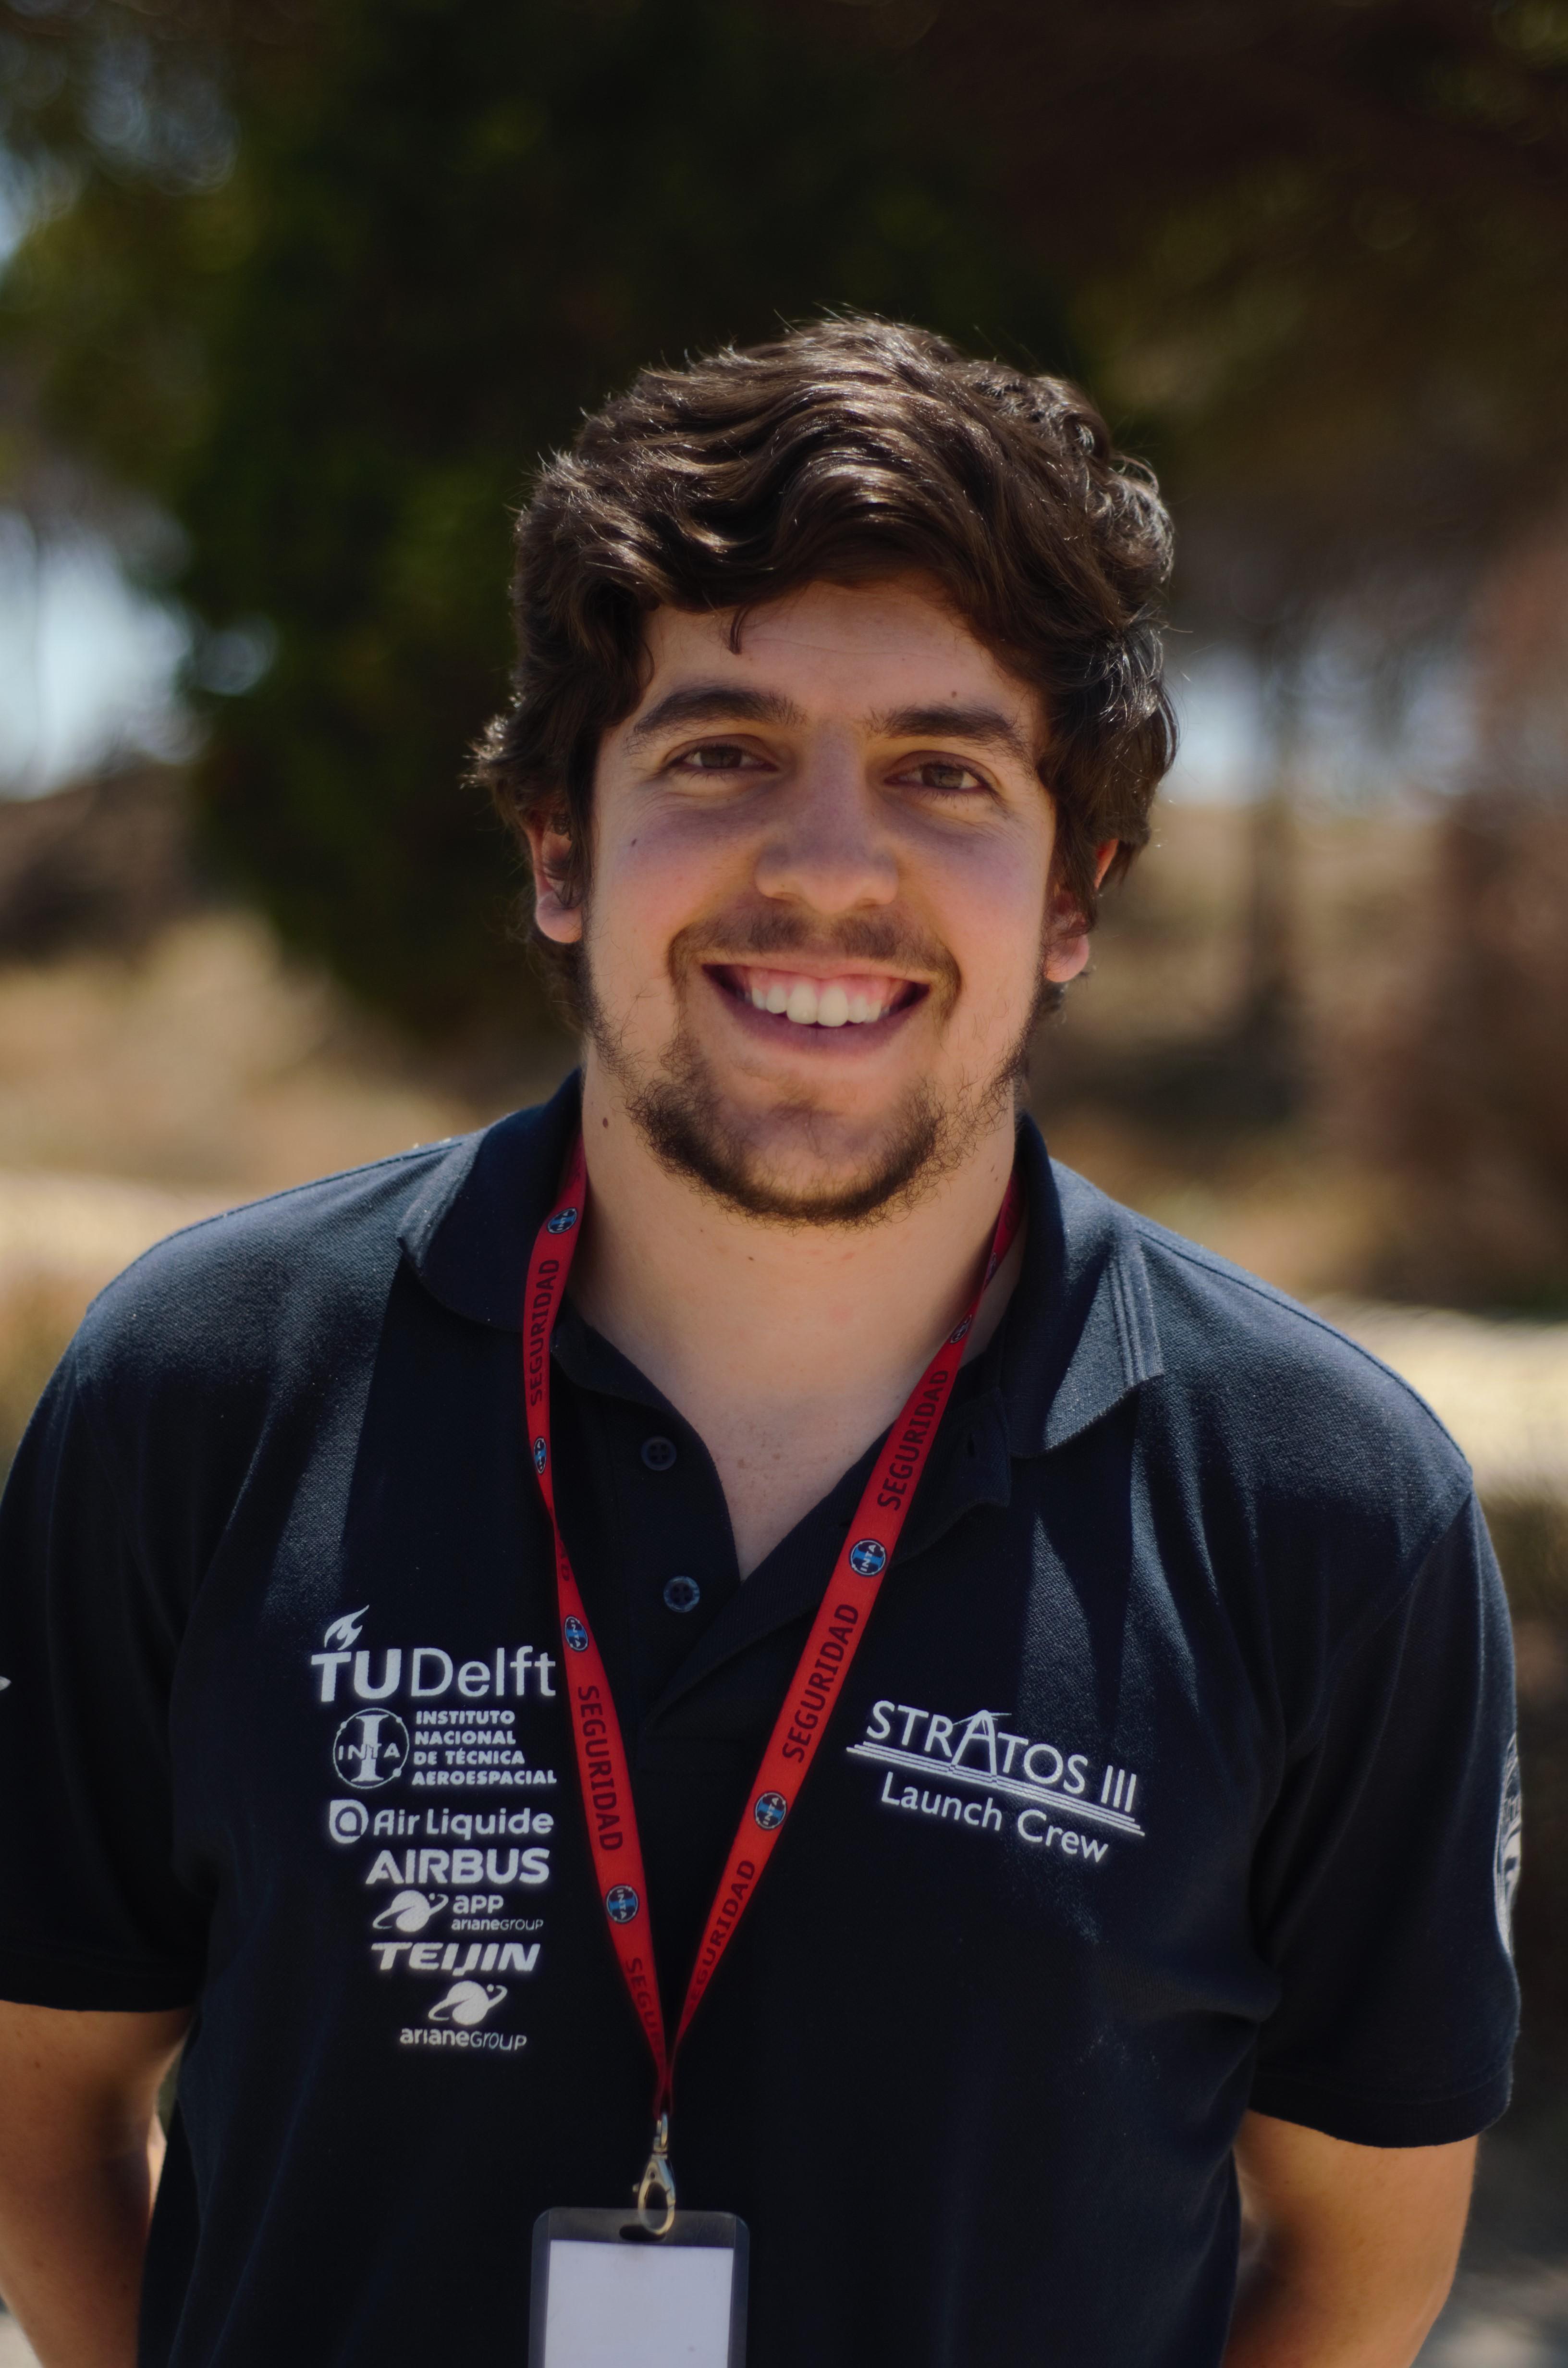 Filipe Barreiro